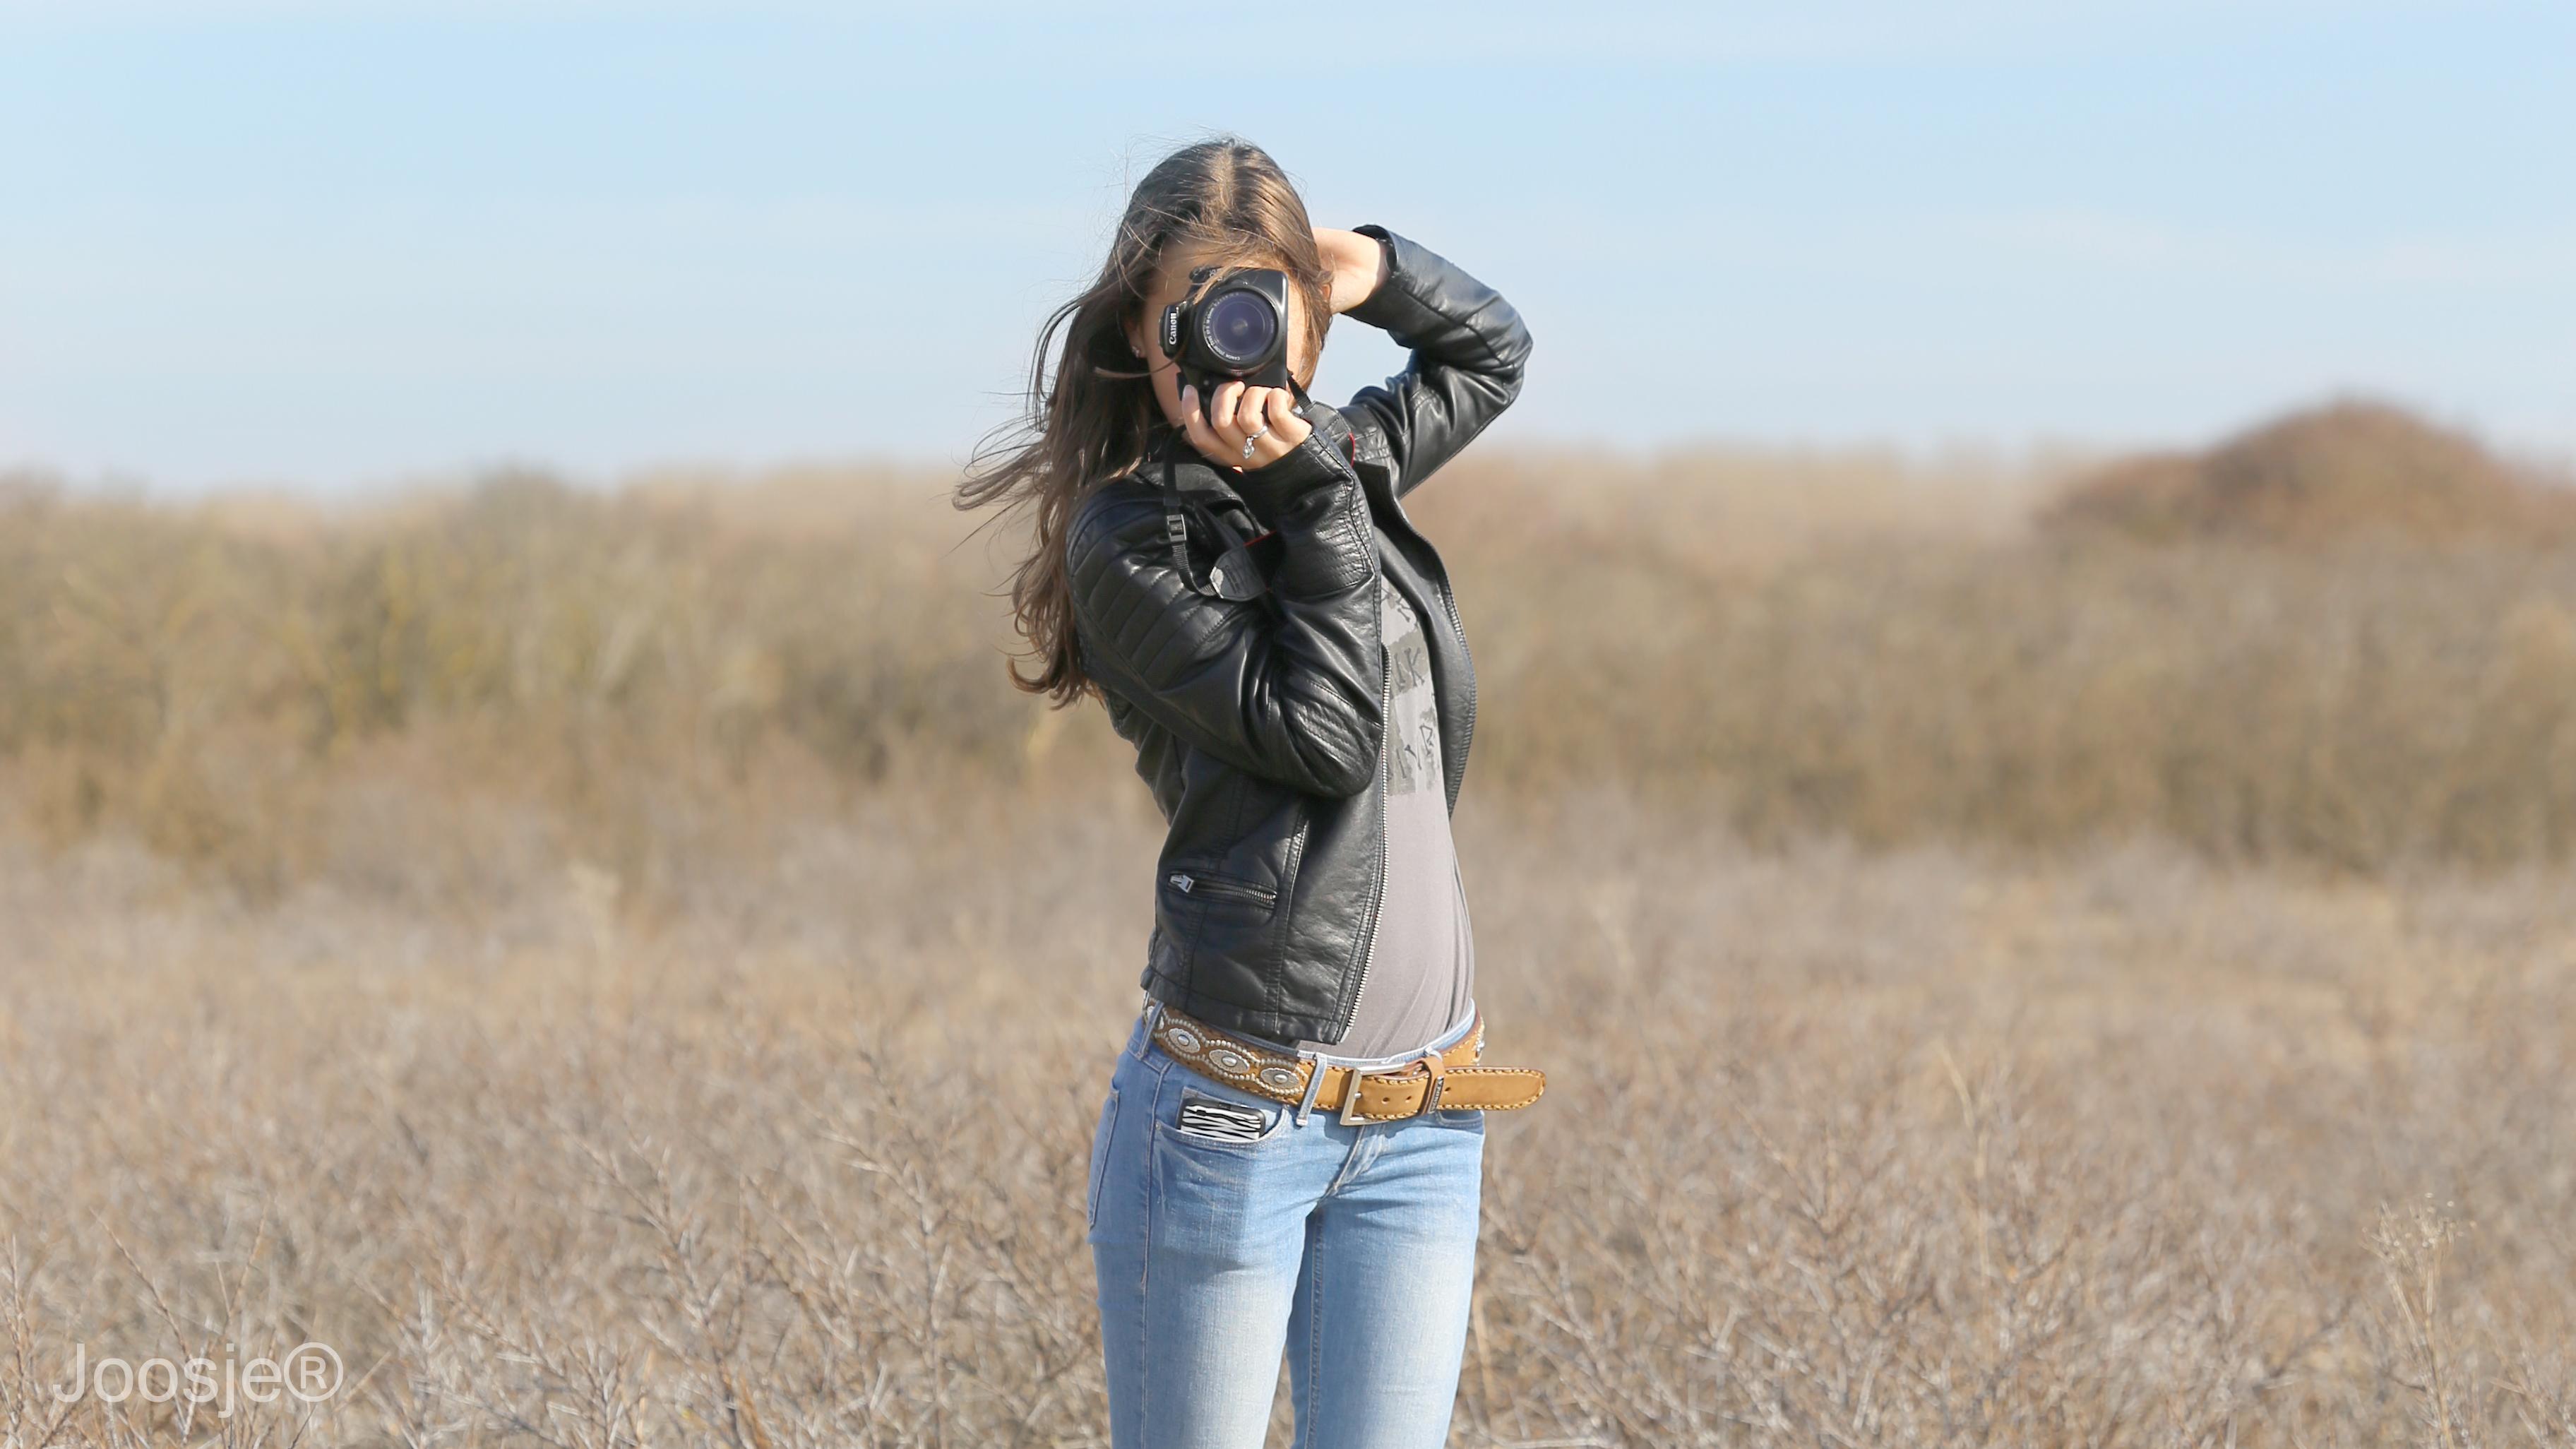 Chicas fotográfas - 3648x2052